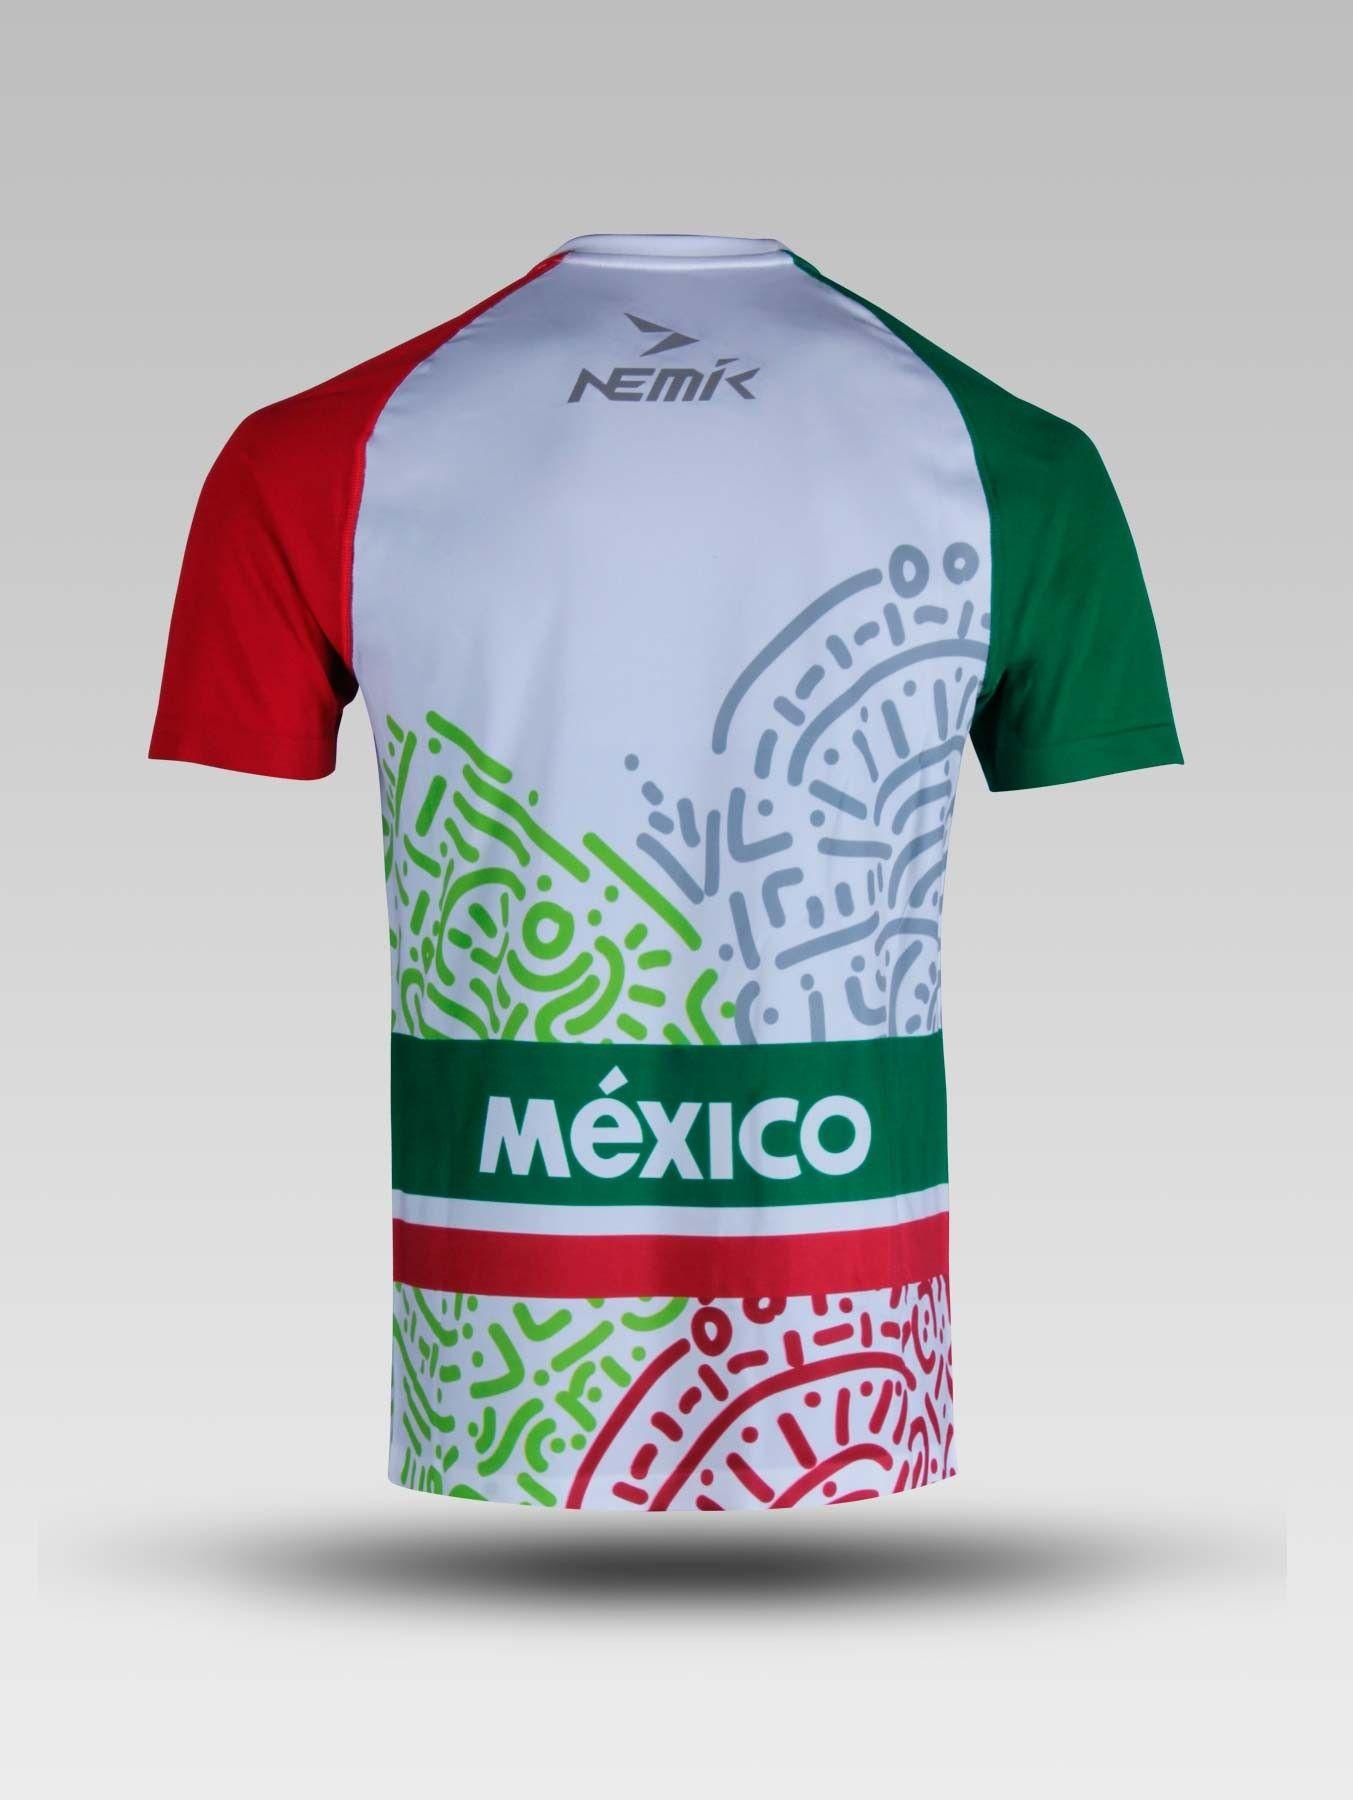 02aa522be4600 Playera Graphic Nemik México - Caballero